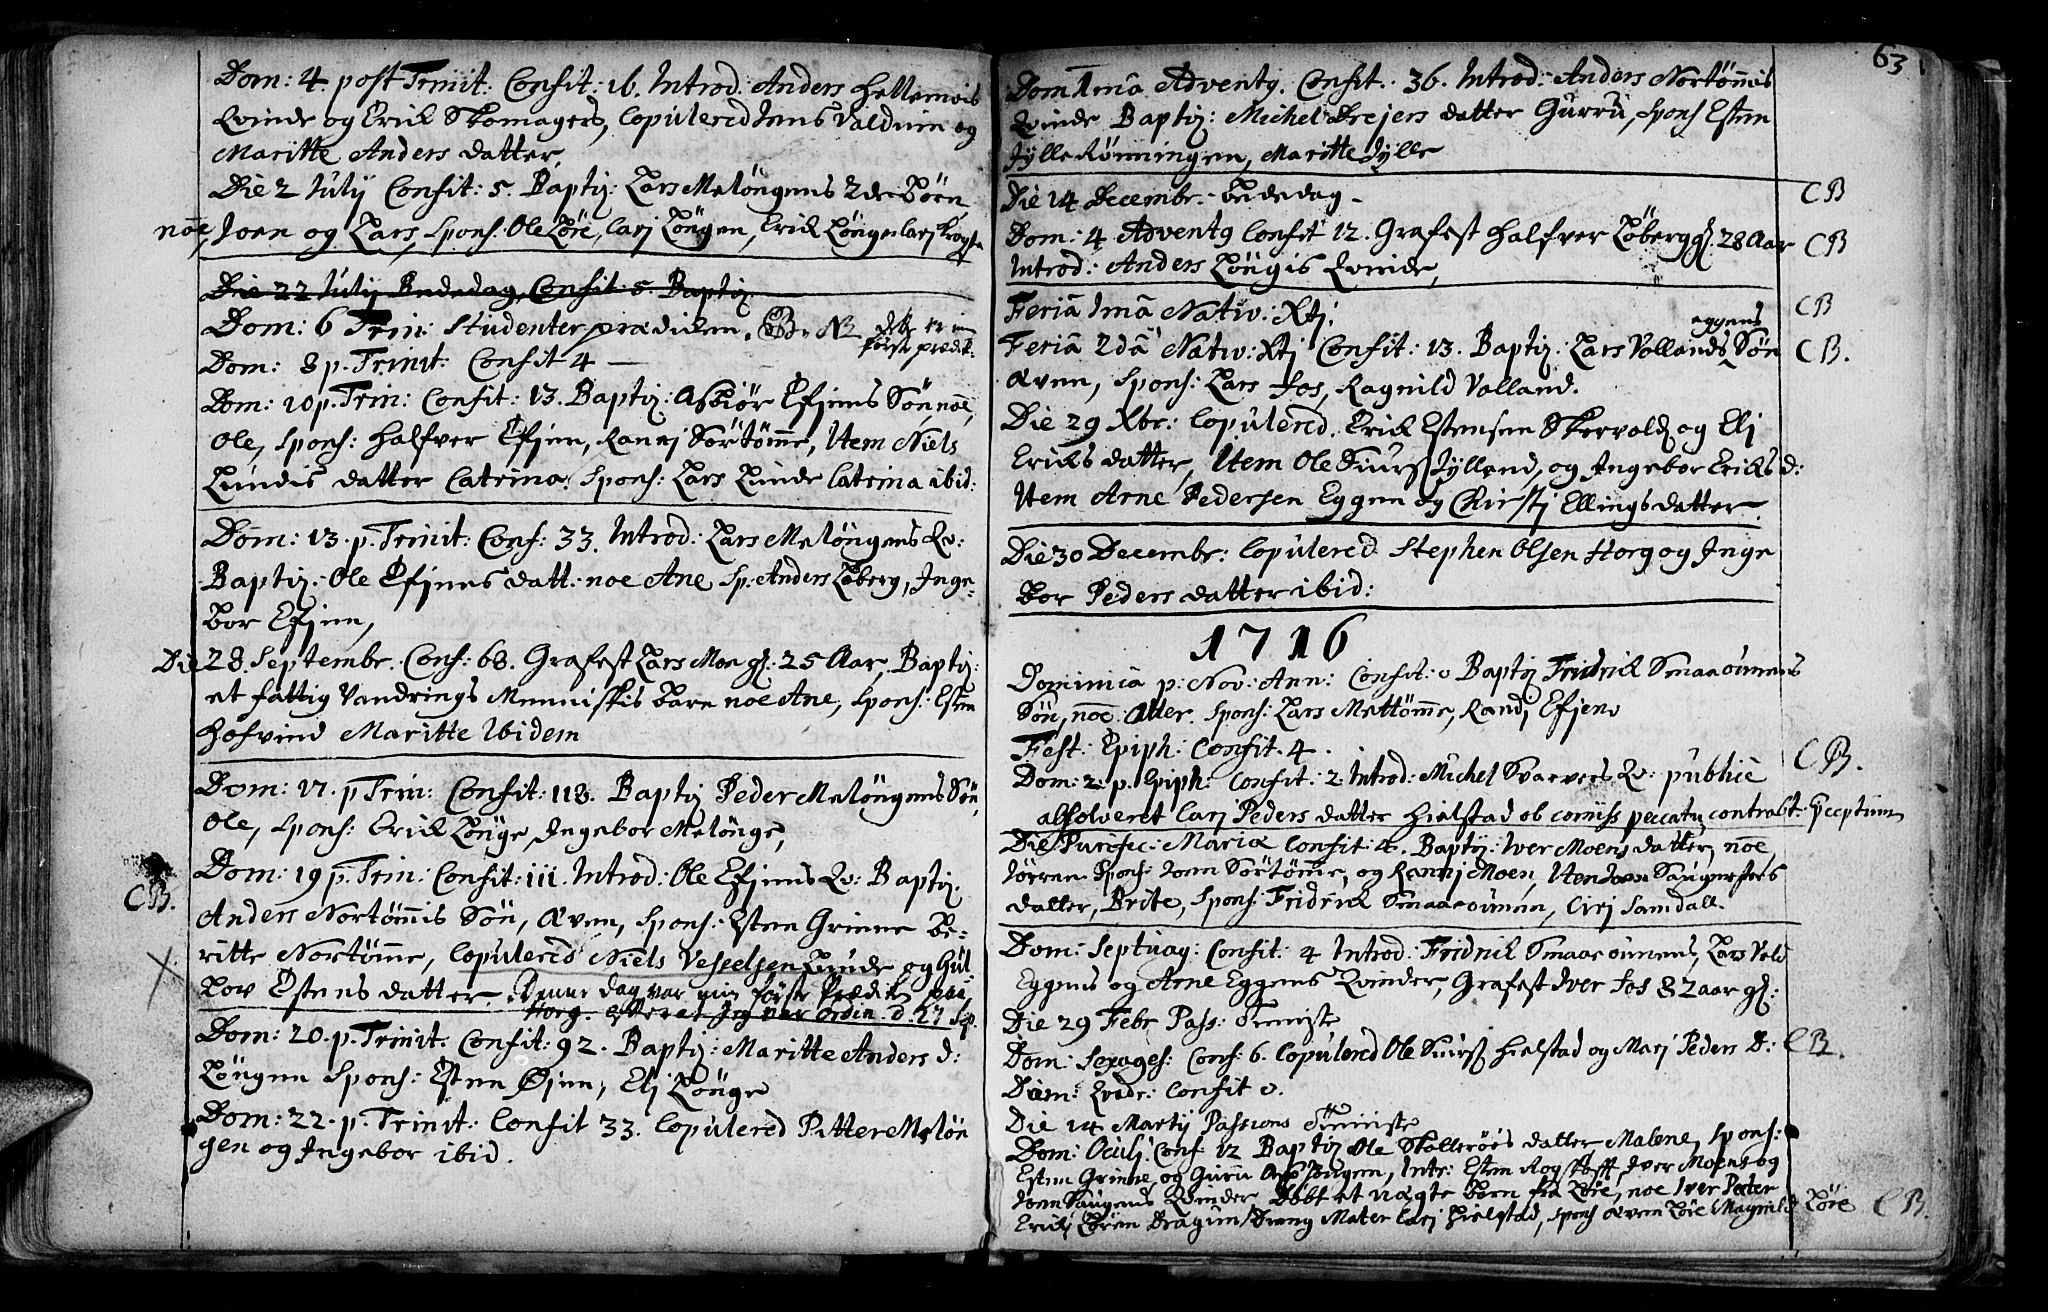 SAT, Ministerialprotokoller, klokkerbøker og fødselsregistre - Sør-Trøndelag, 692/L1101: Ministerialbok nr. 692A01, 1690-1746, s. 63